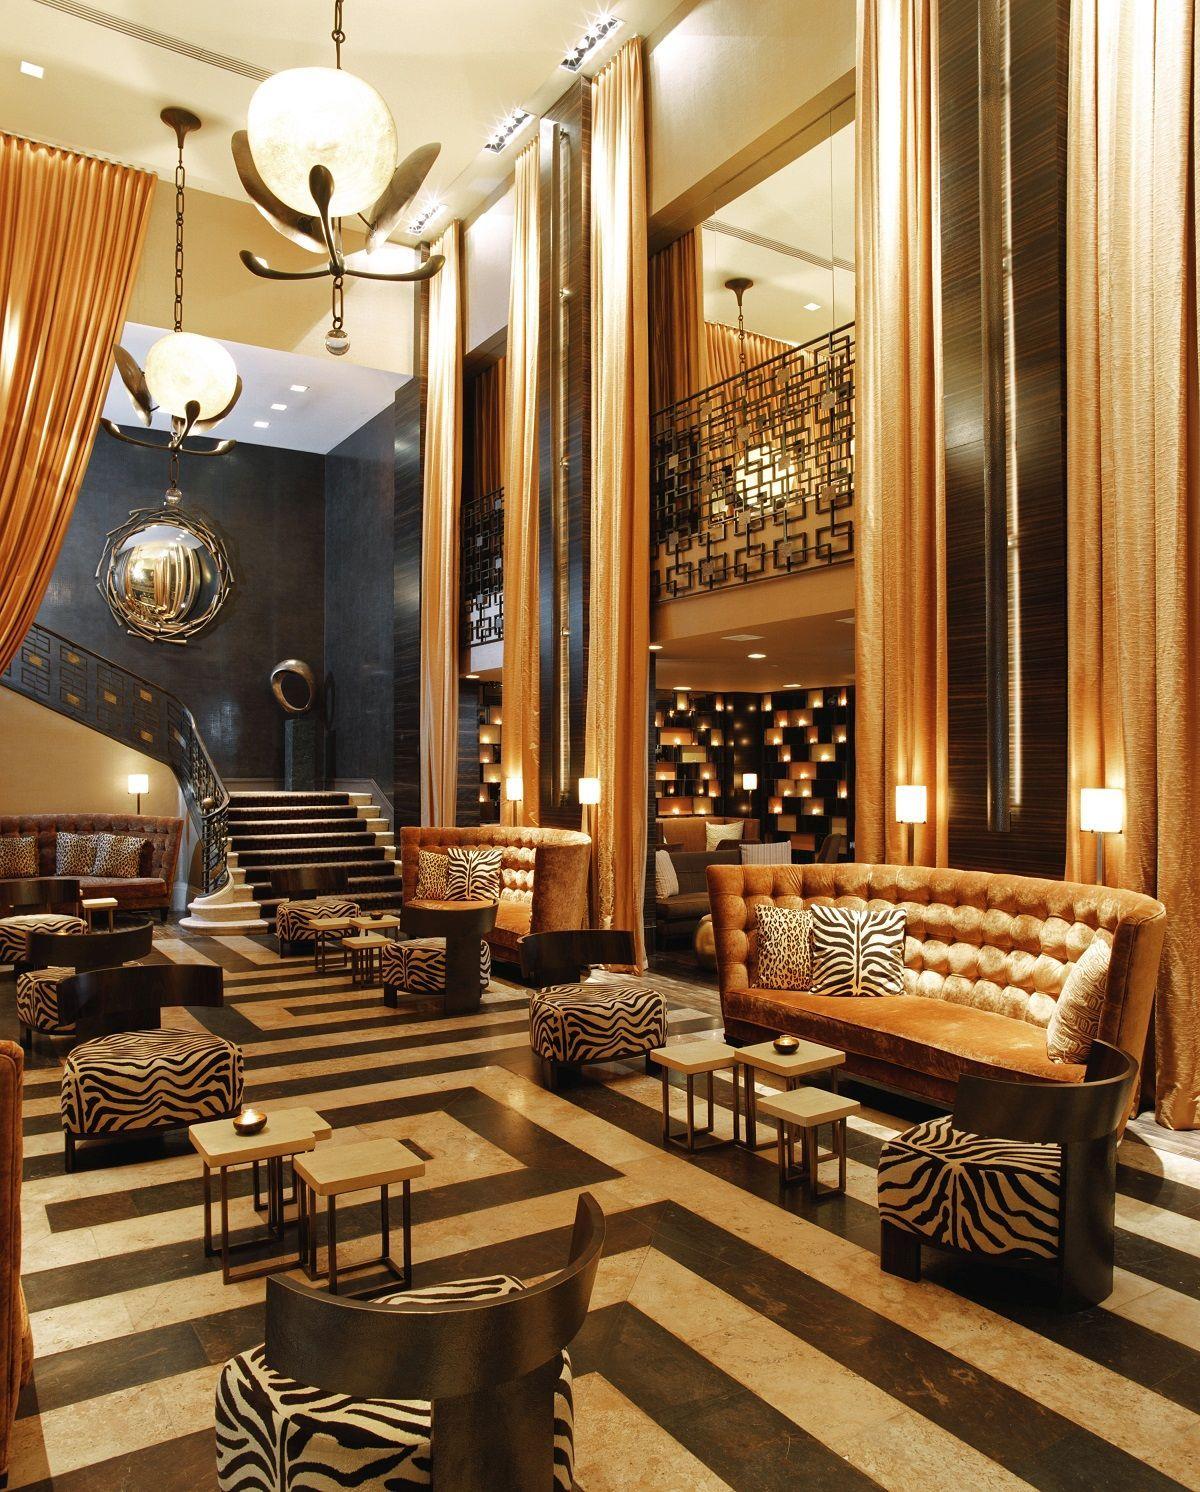 The Empire Hotel New York City Ny Usa One Of Empire Hotel Empire Hotel Nyc Hotel Decor